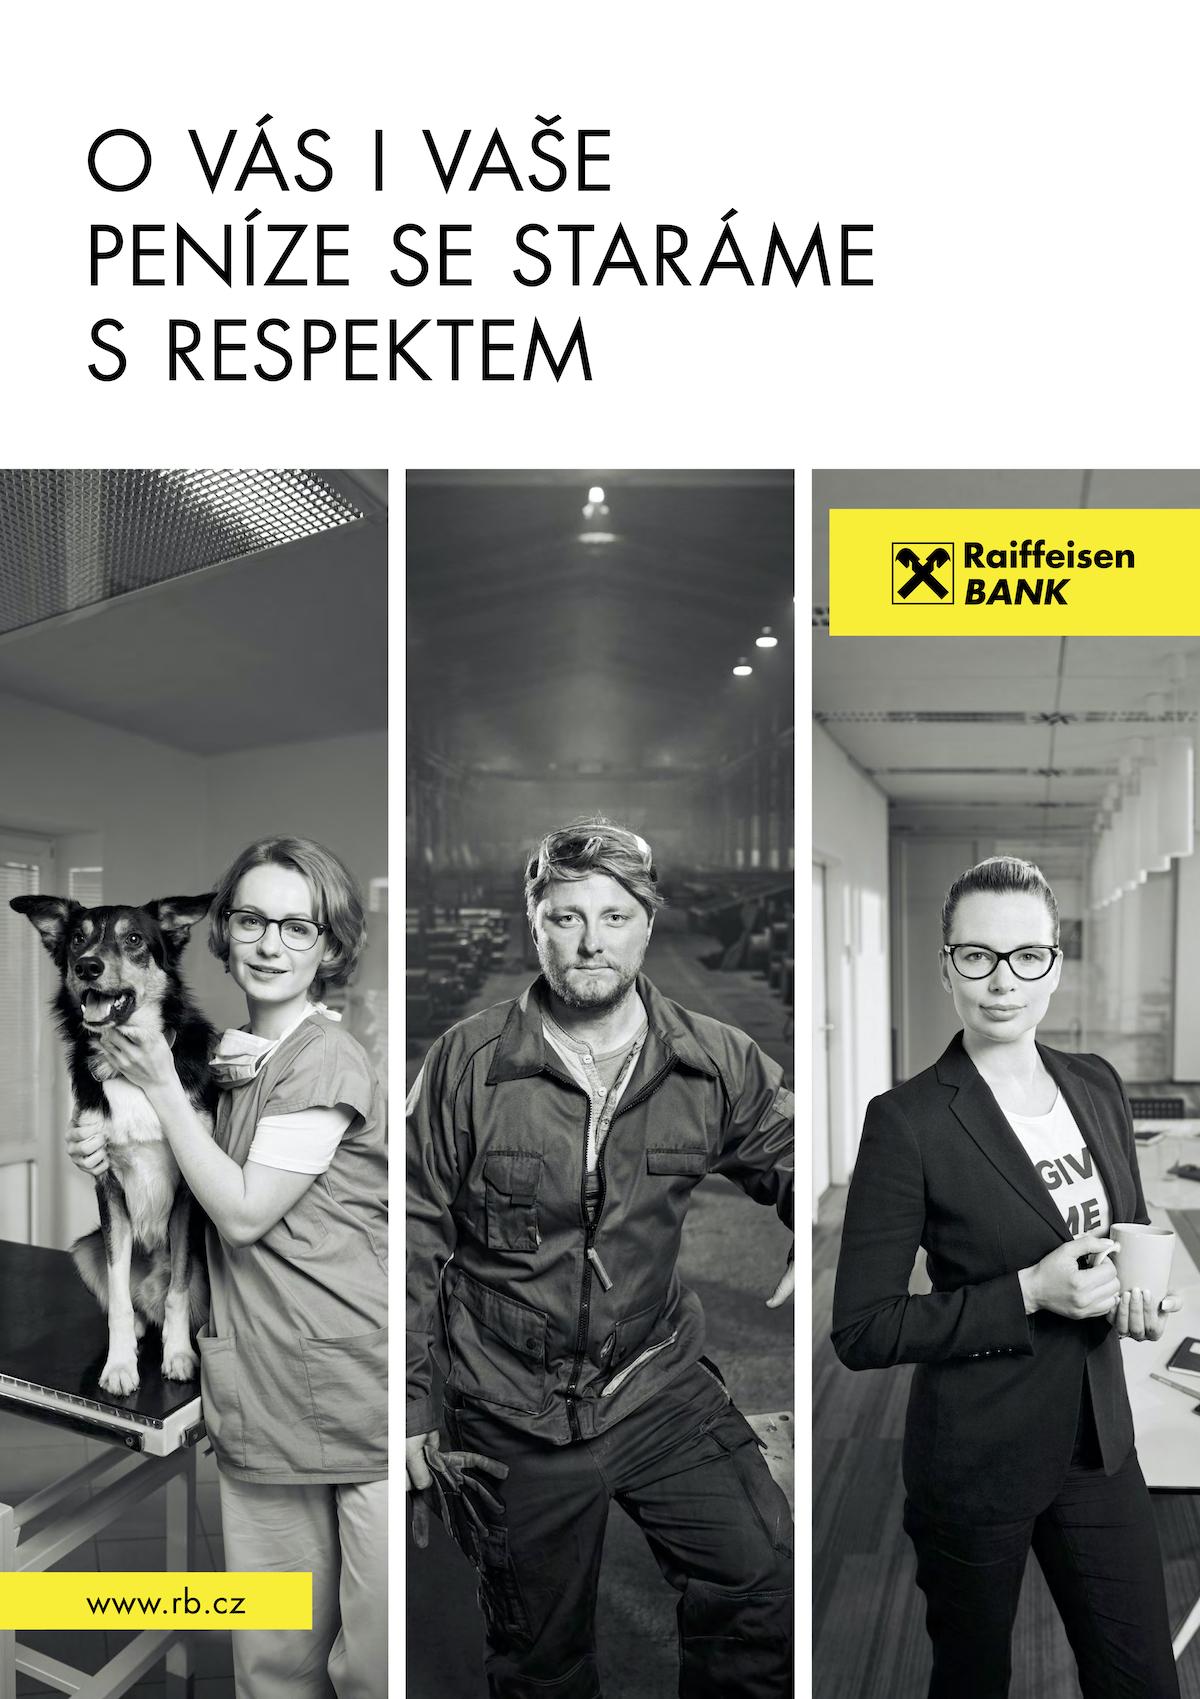 Raiffeisenbank: Respekt (DDB Prague)